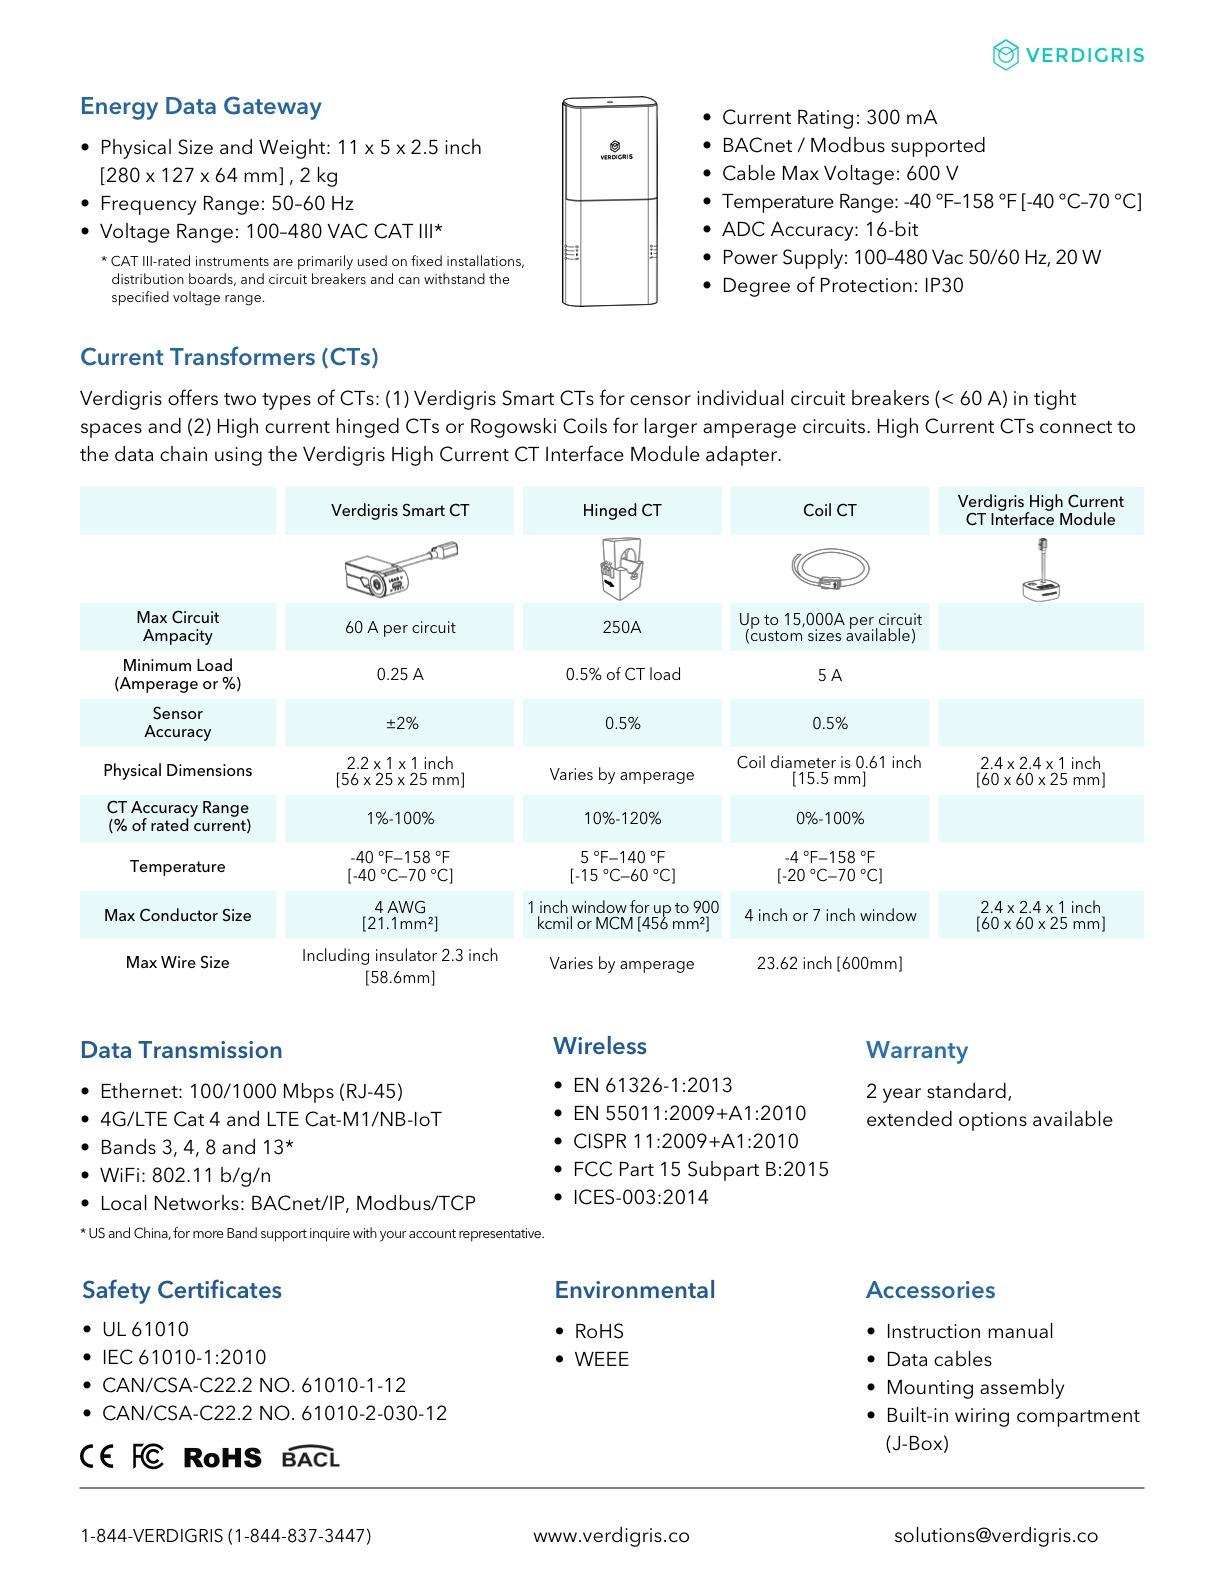 Verdigris EV2 Energy Data Transmitter Specifications